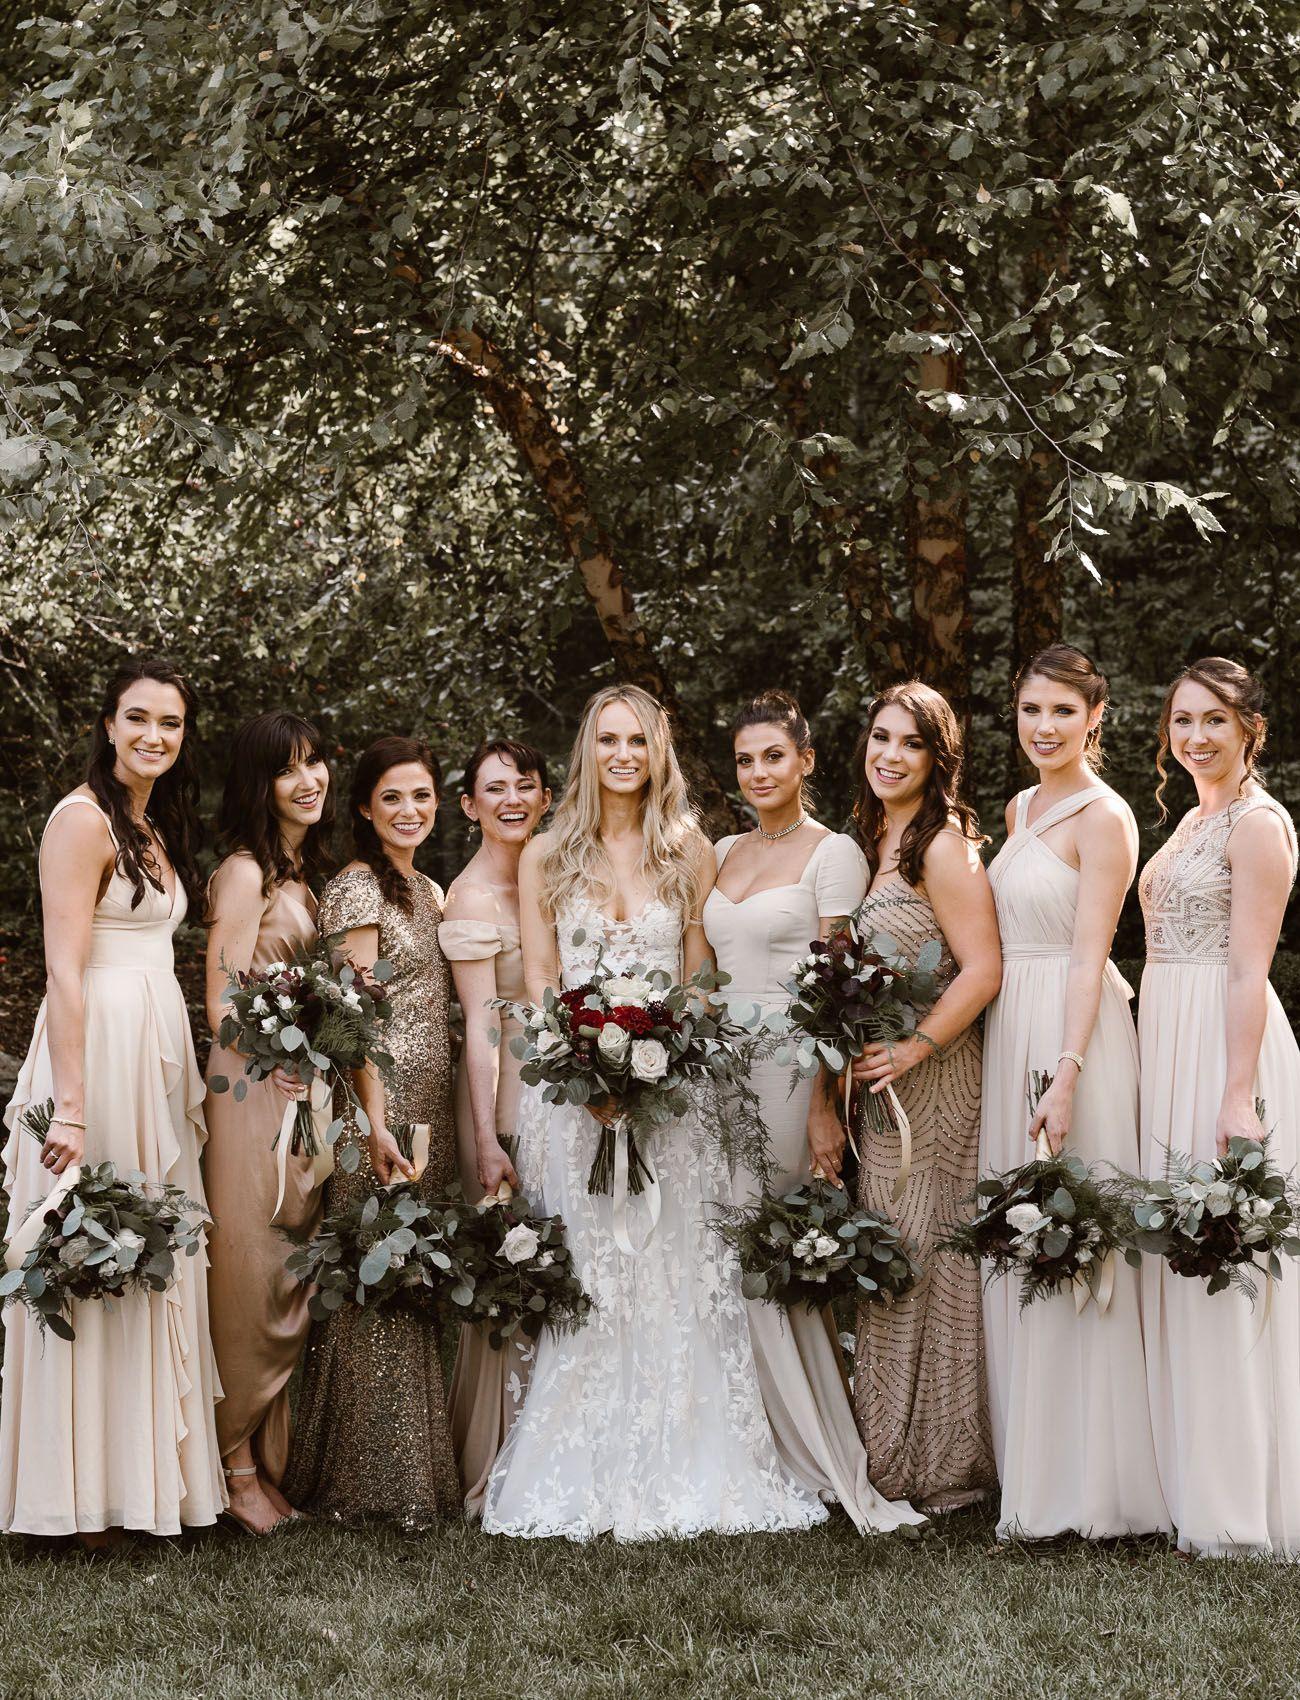 Rustic Elegance A Black Tie Wedding In The Woods Bridesmaids